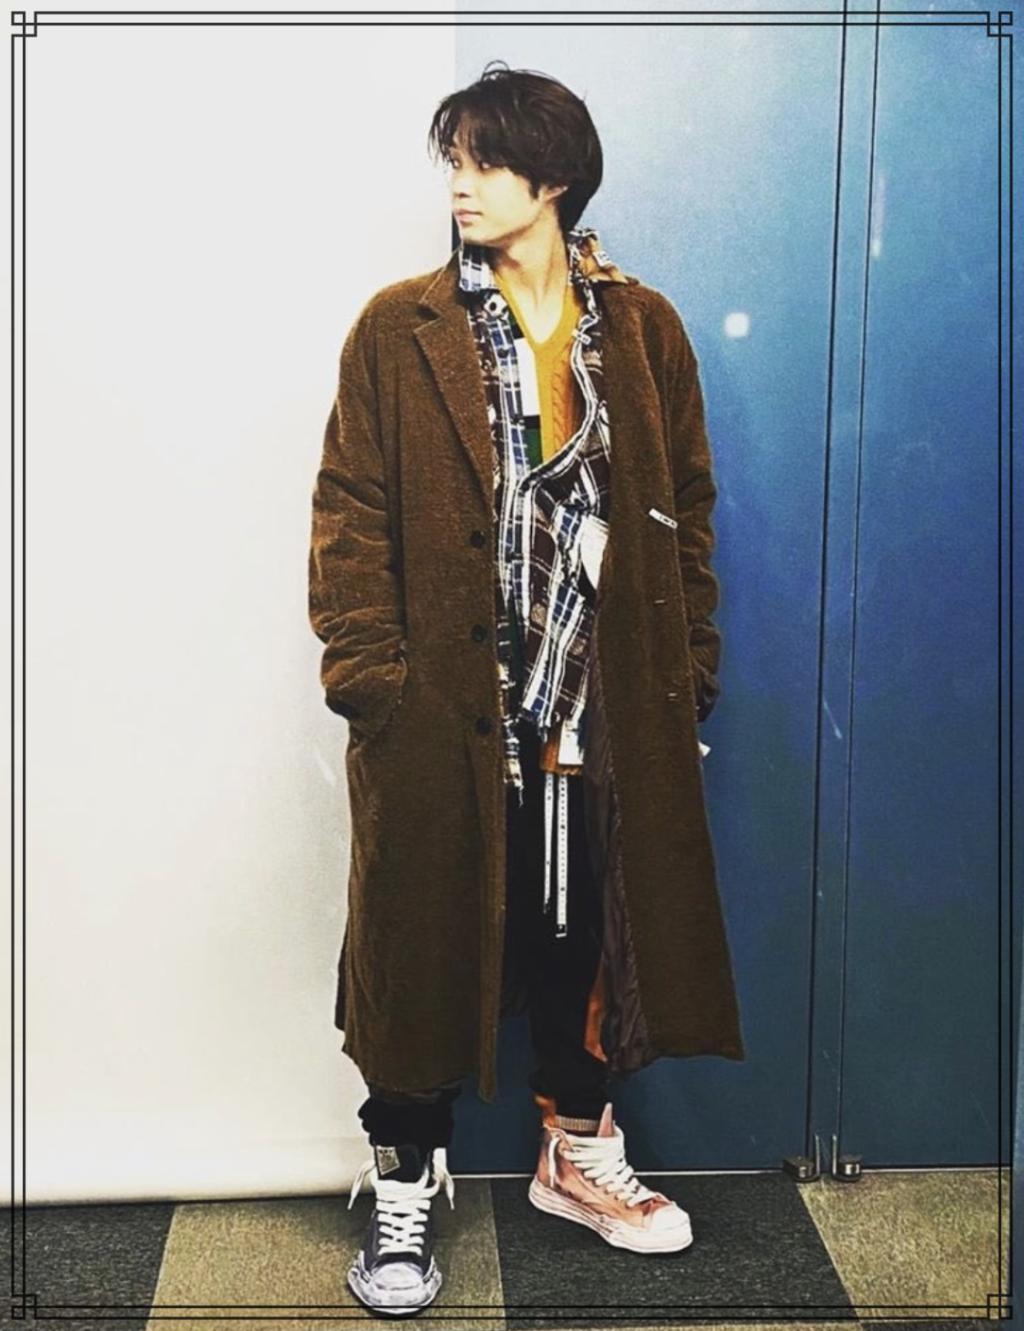 磯村勇斗さんの全身画像